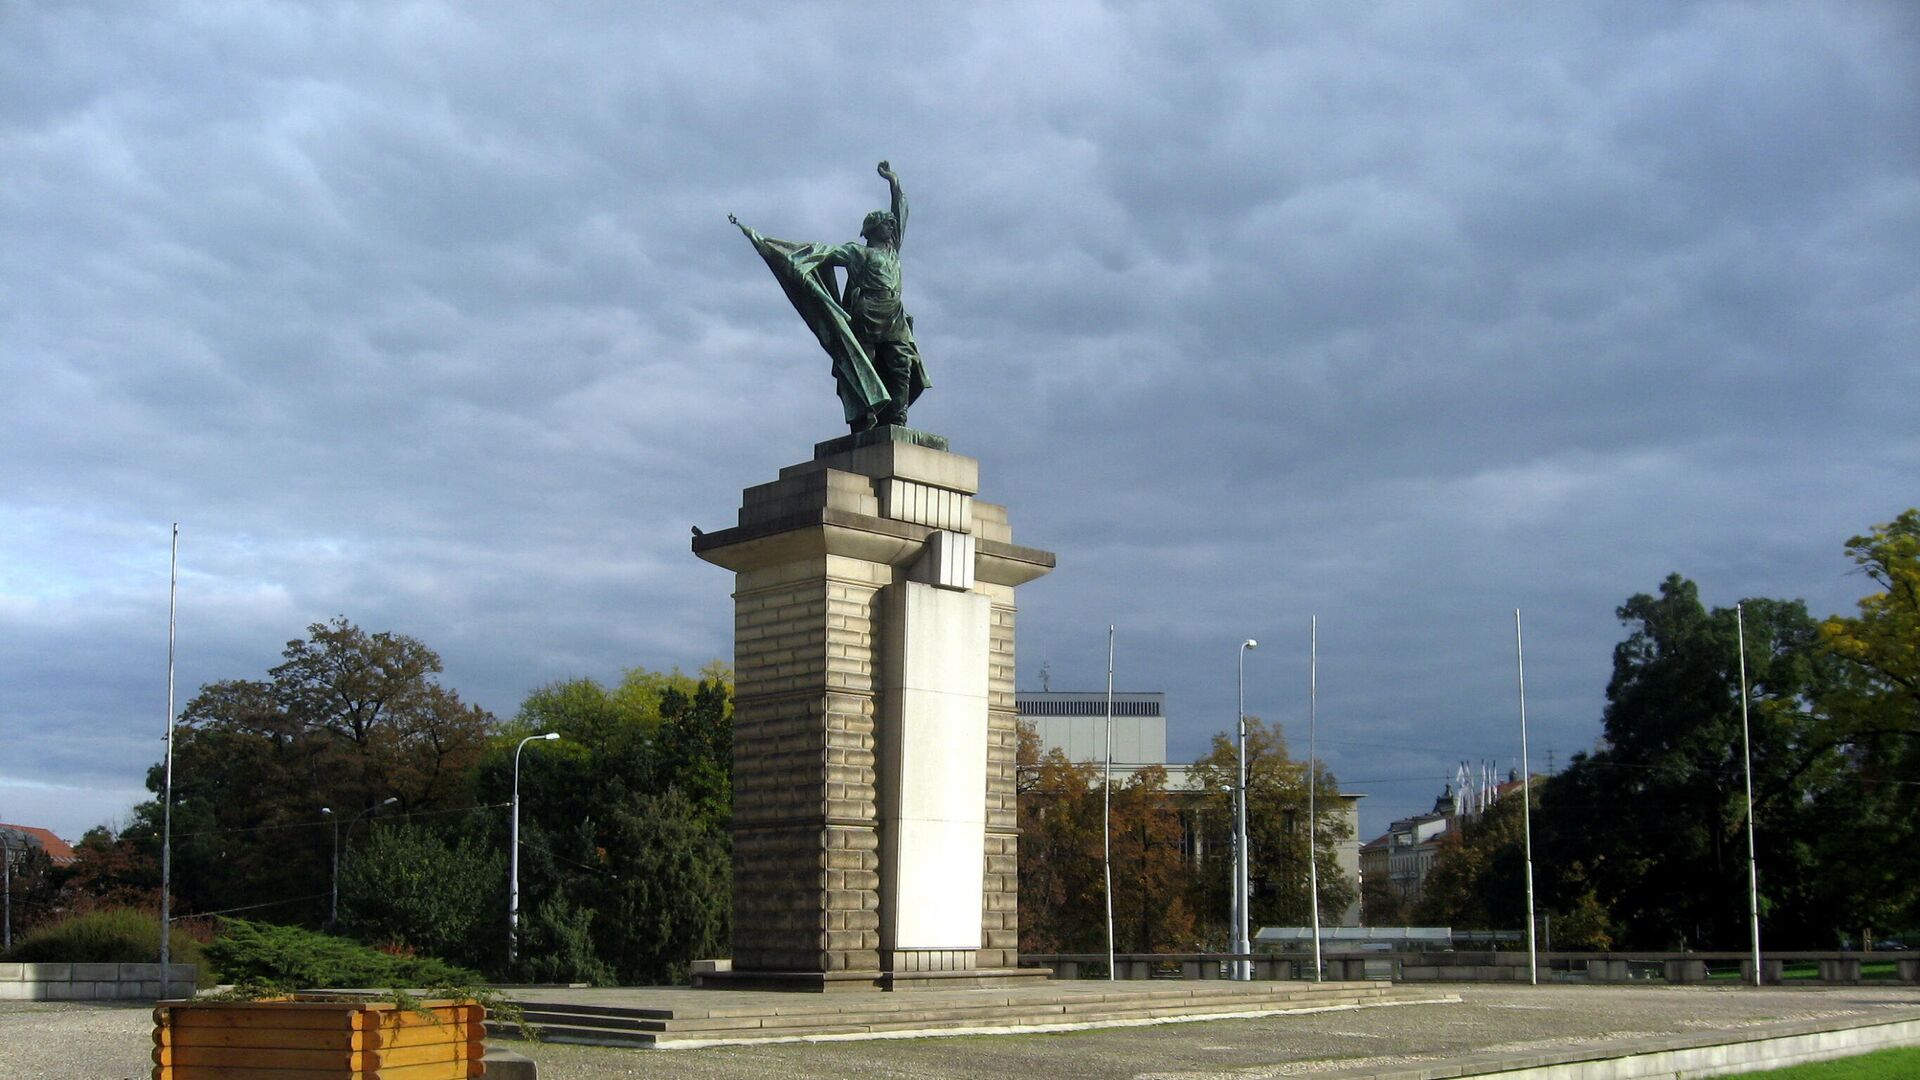 Памятник воинам Красной армии, погибшим при освобождении Чехословакии от нацистов, в городе Брно, Чехия - РИА Новости, 1920, 29.04.2021